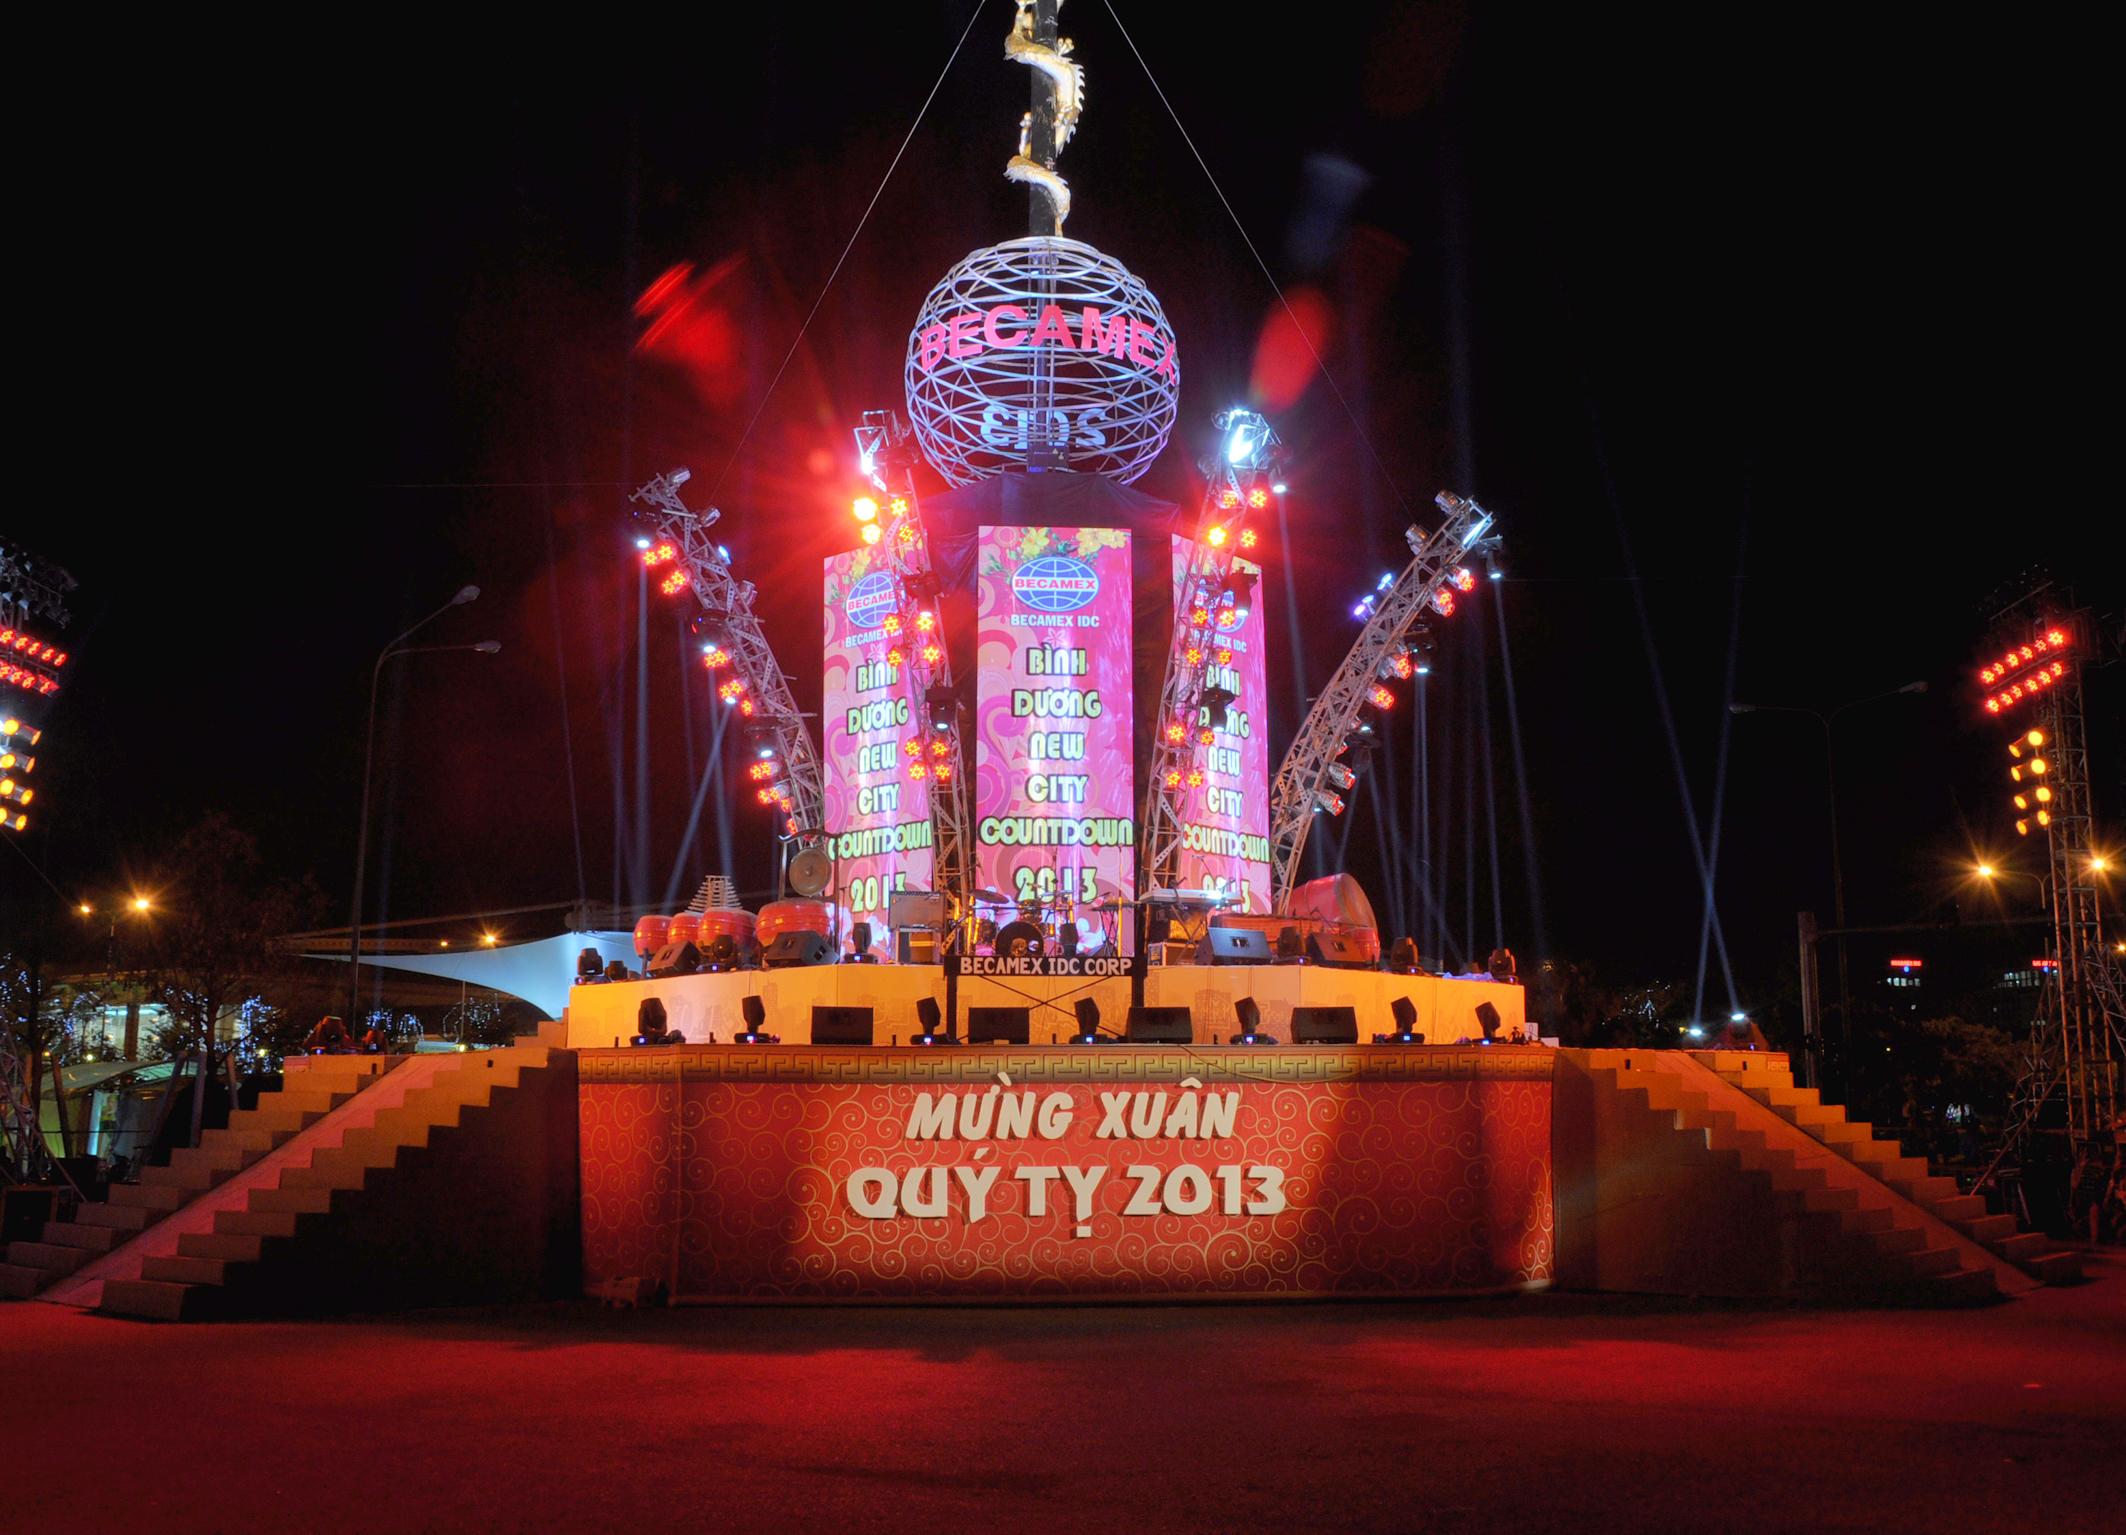 Đêm đại nhạc hội mừng xuân Qúy Tỵ 2013 tại Bình Dương